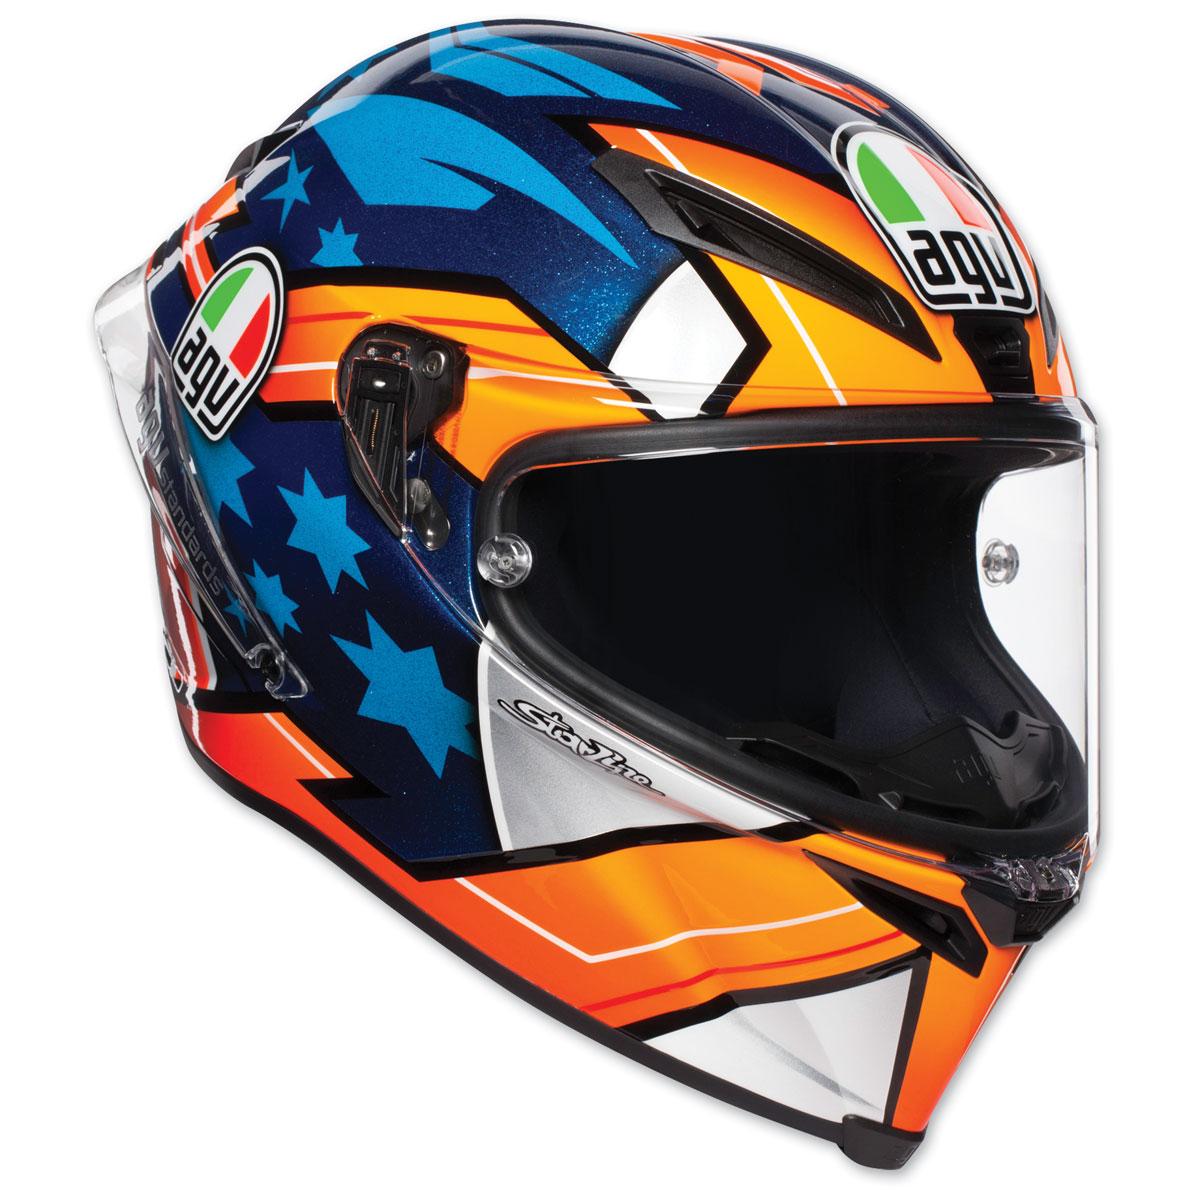 AGV Corsa R Miller 2018 Full Face Helmet